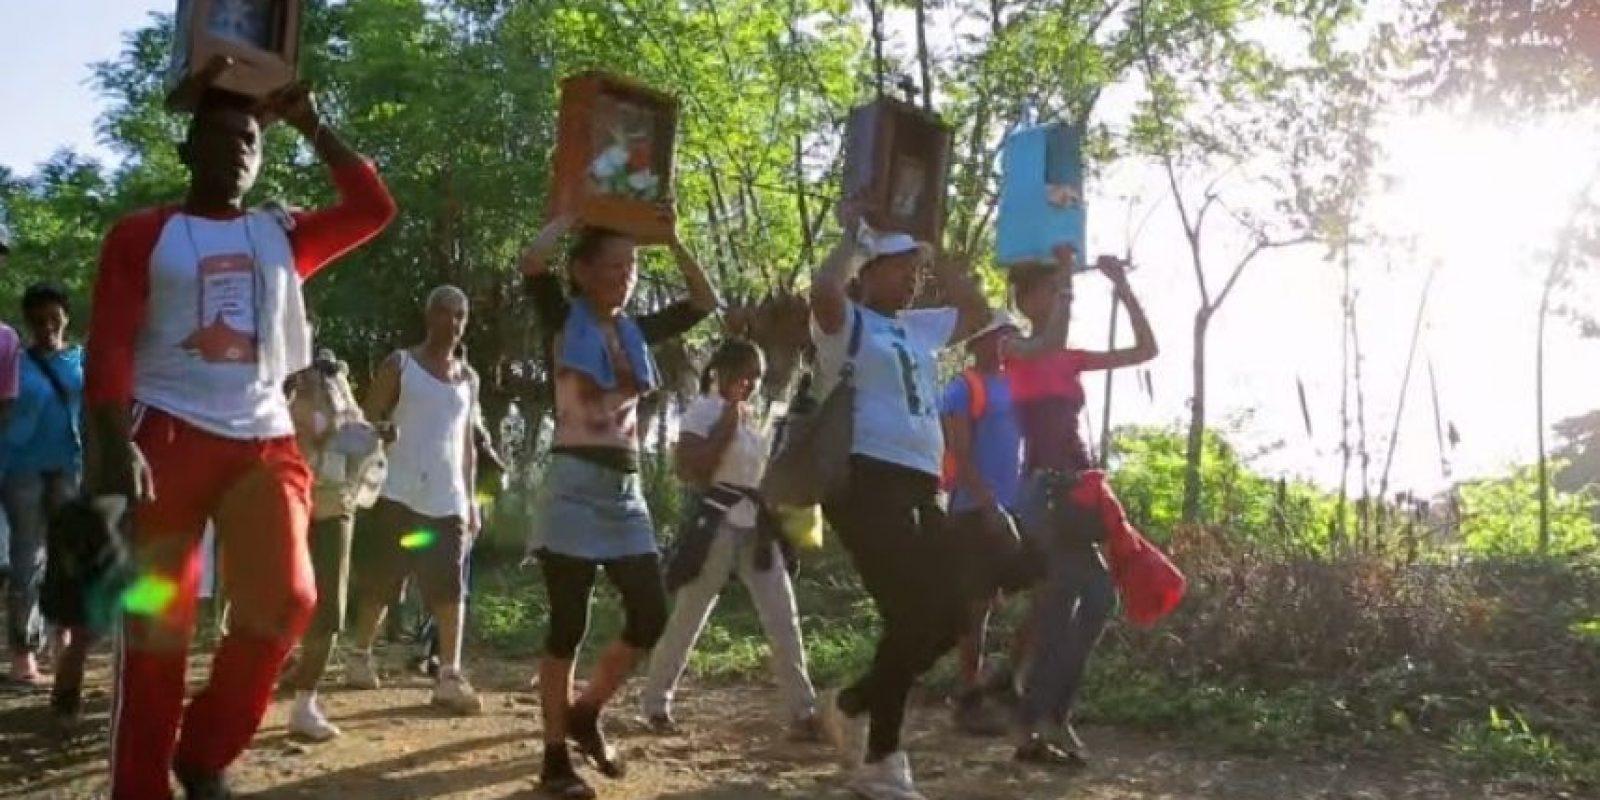 El documental narra una historia de fe del pueblo dominicano. Foto: Fuente externa